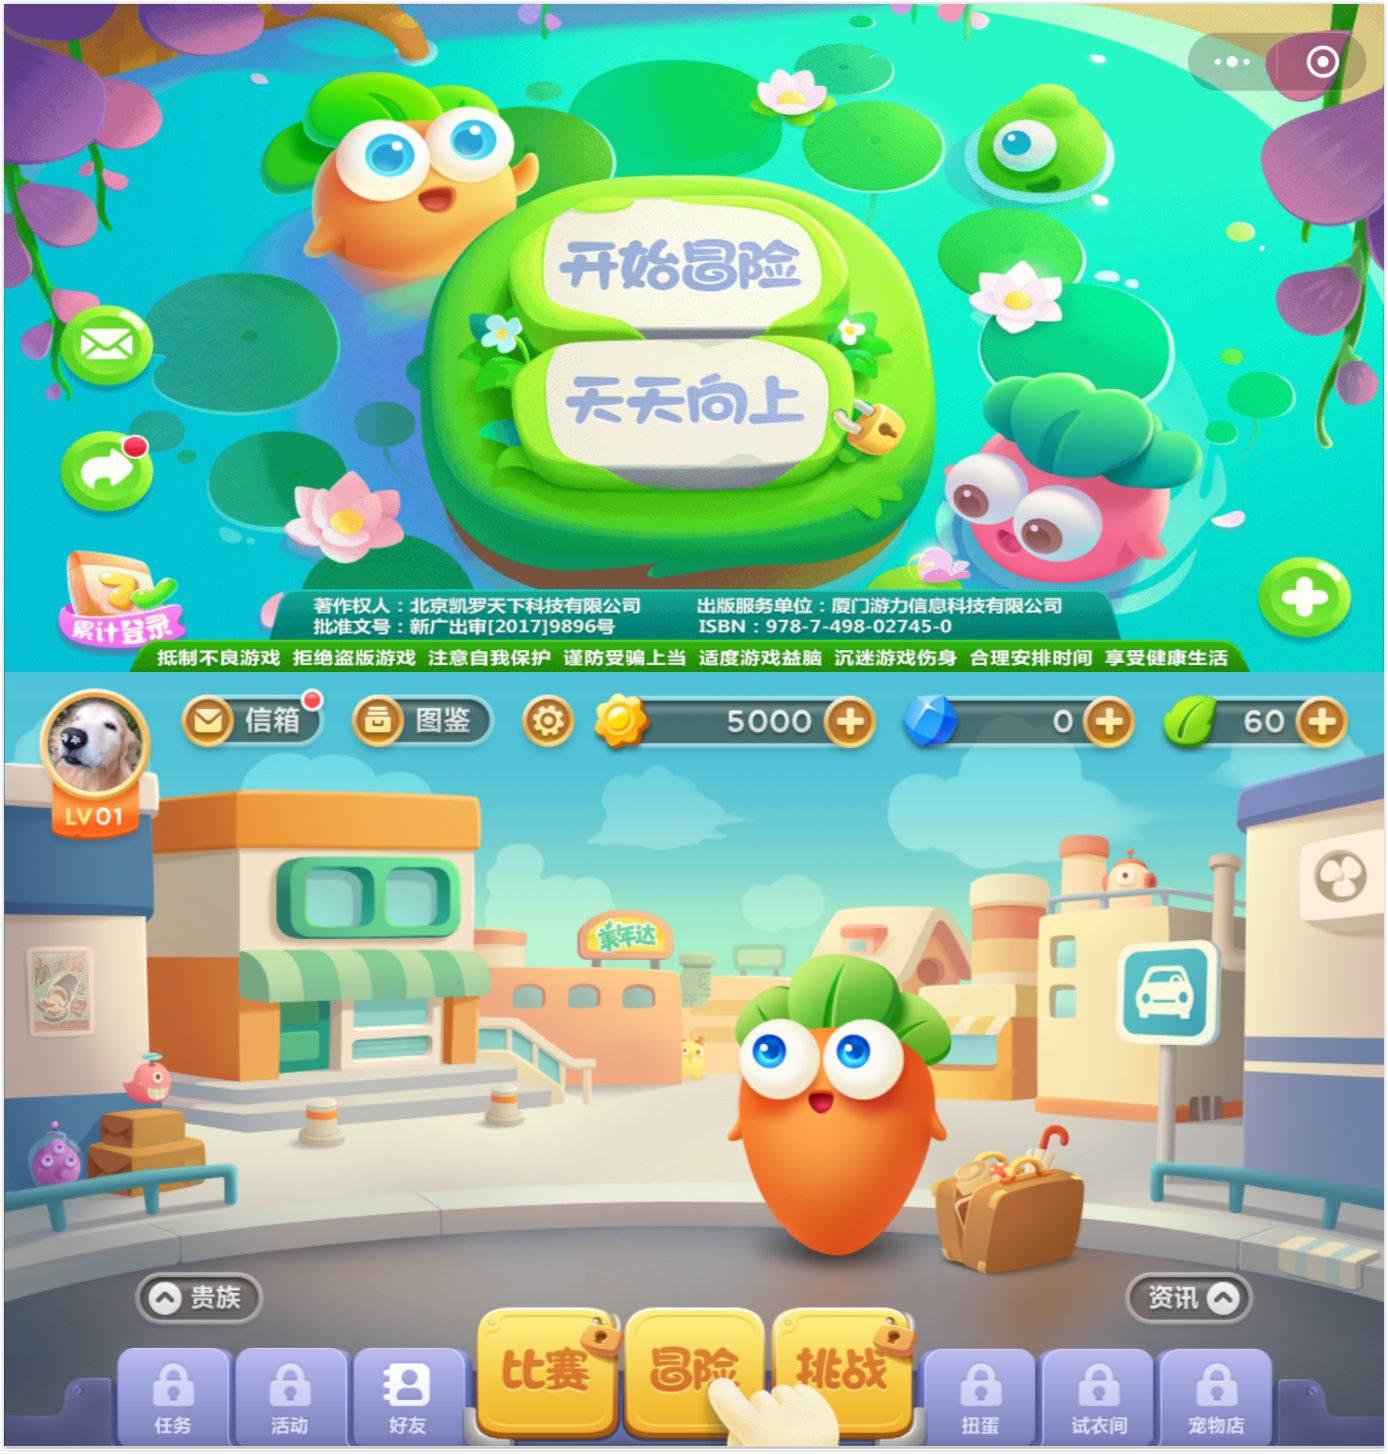 游戏开发者摩拳擦掌,但微信小游戏真的能与App Store正面竞争吗?